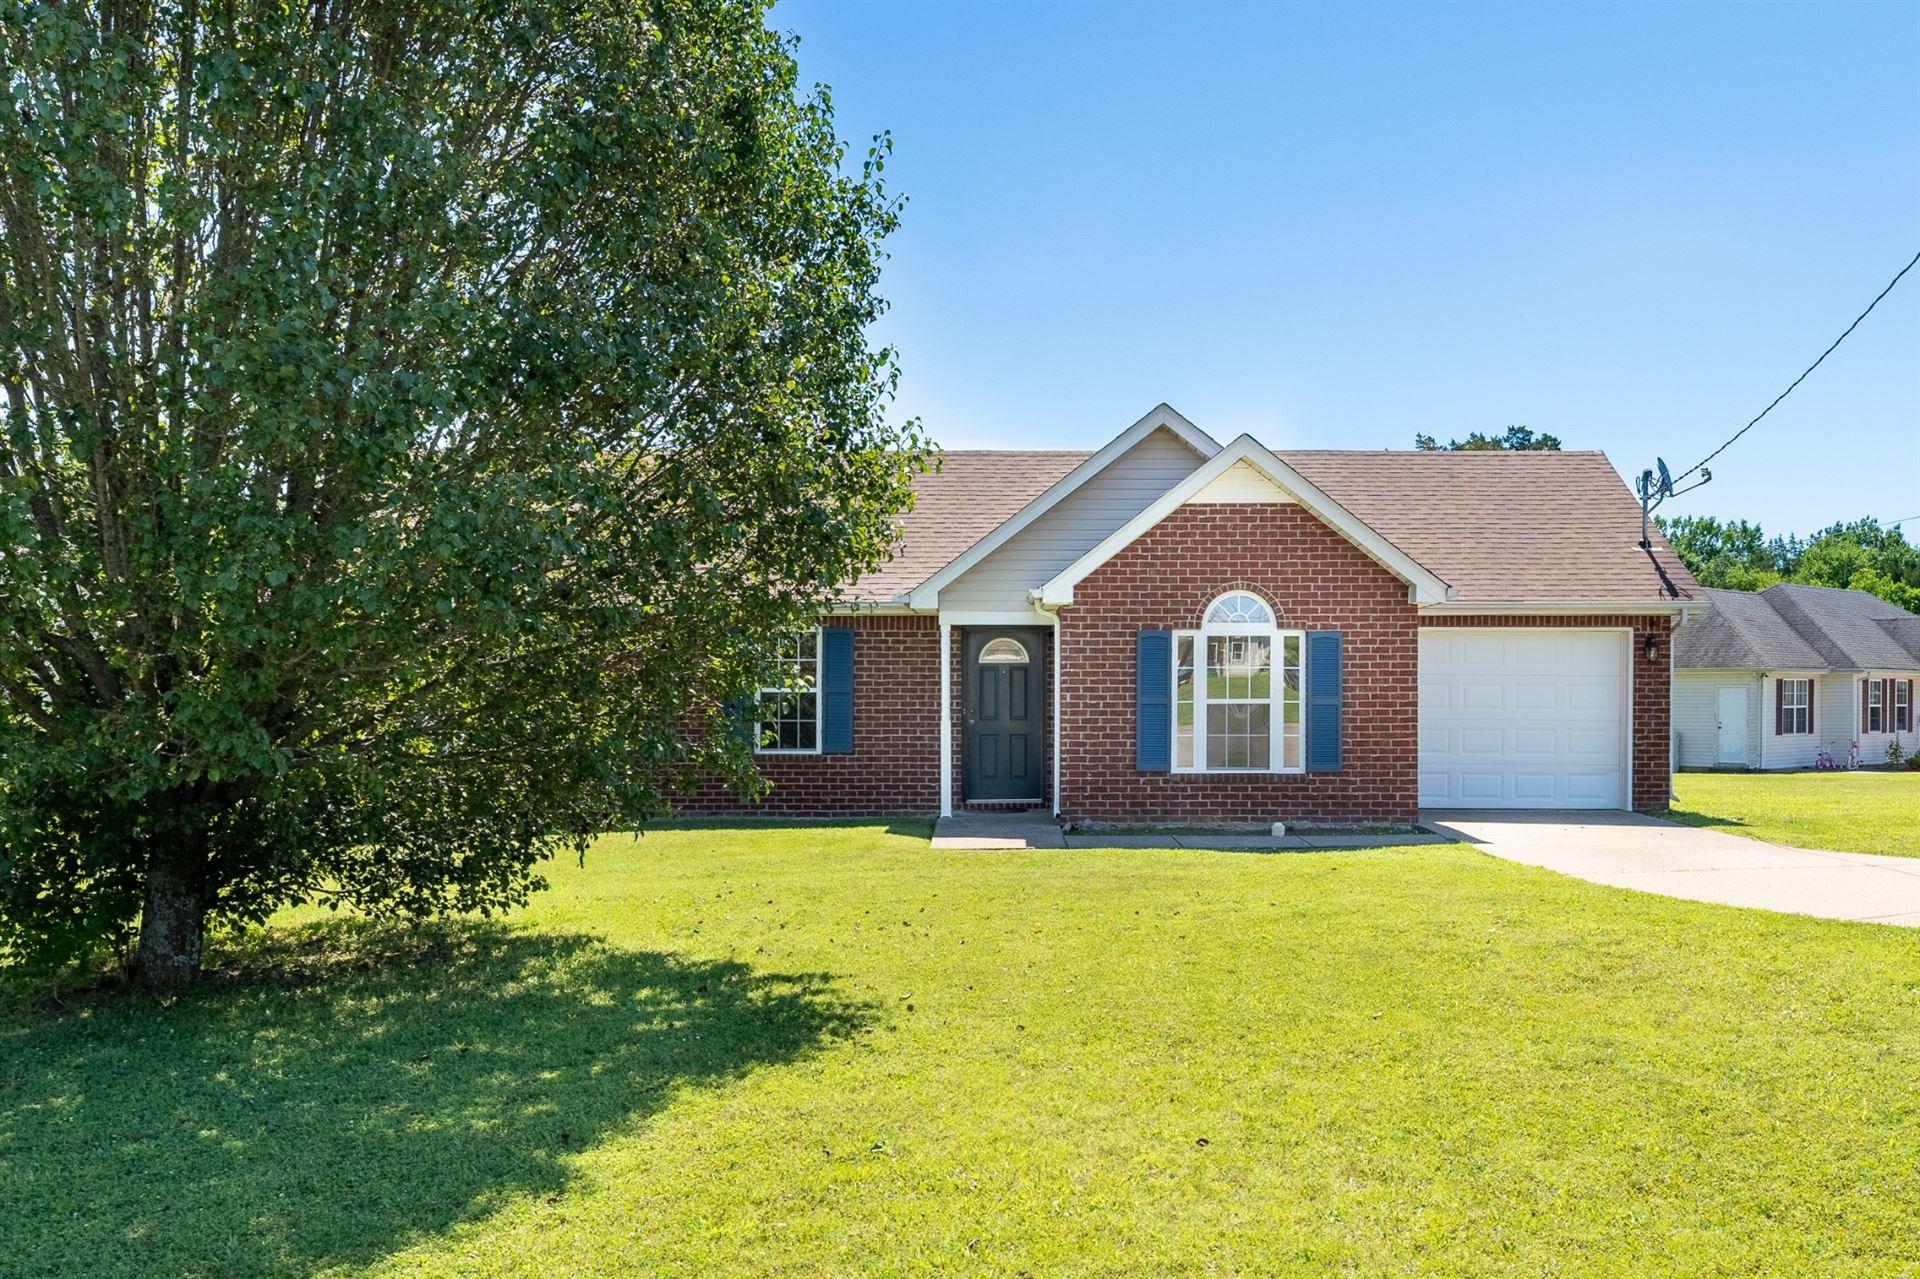 2101 Grove Mill Ct, La Vergne, TN 37086 - MLS#: 2263827